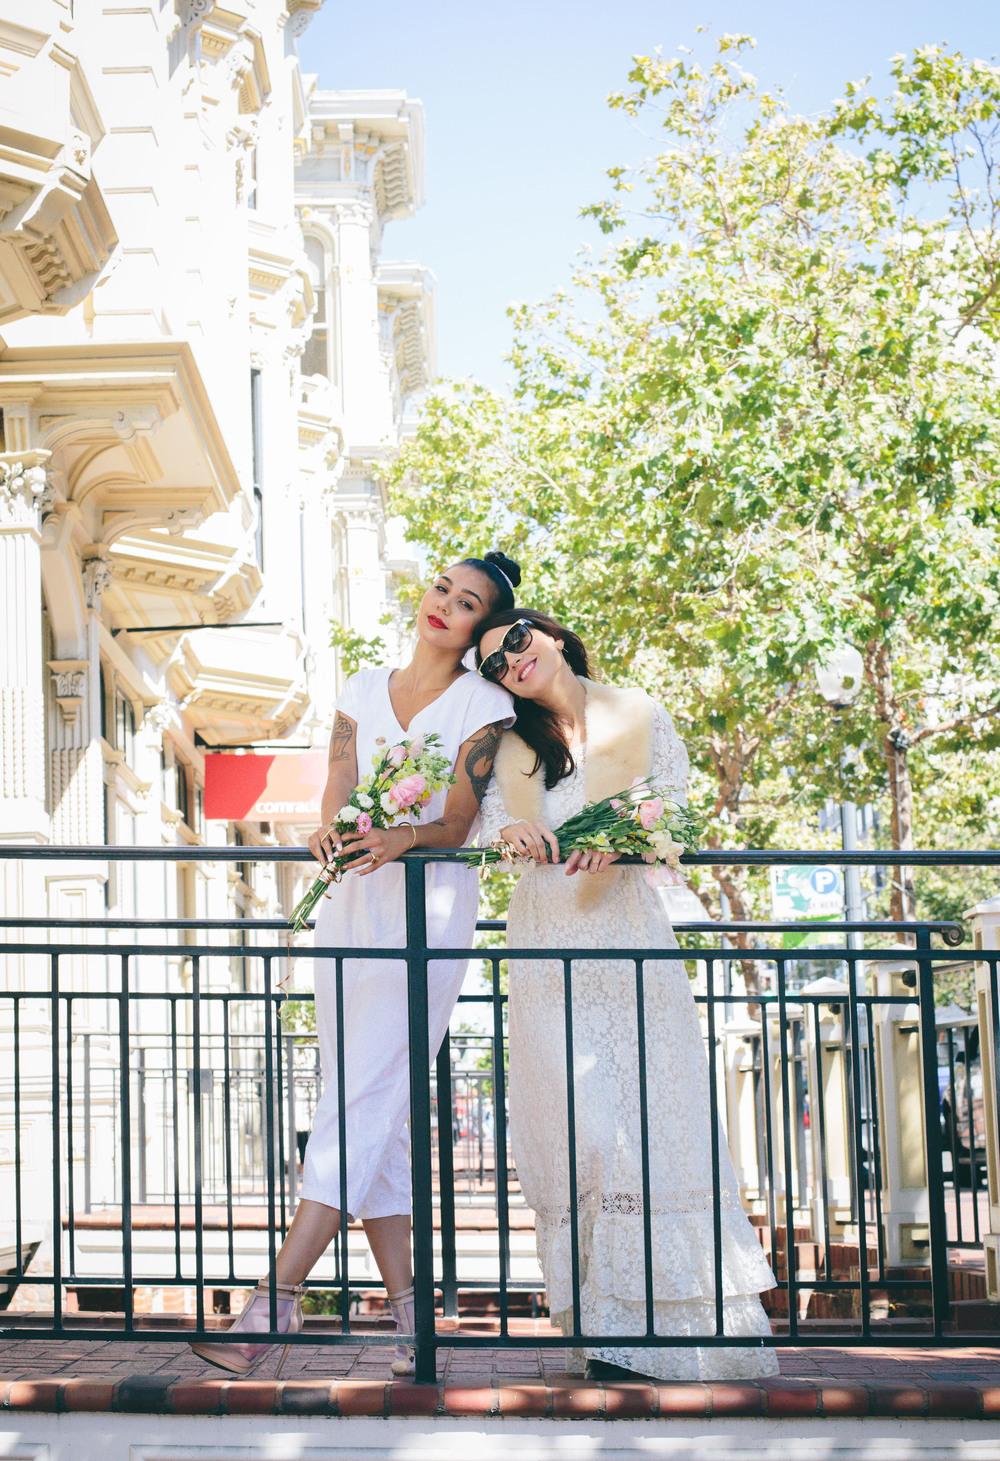 Bridal Marche banister